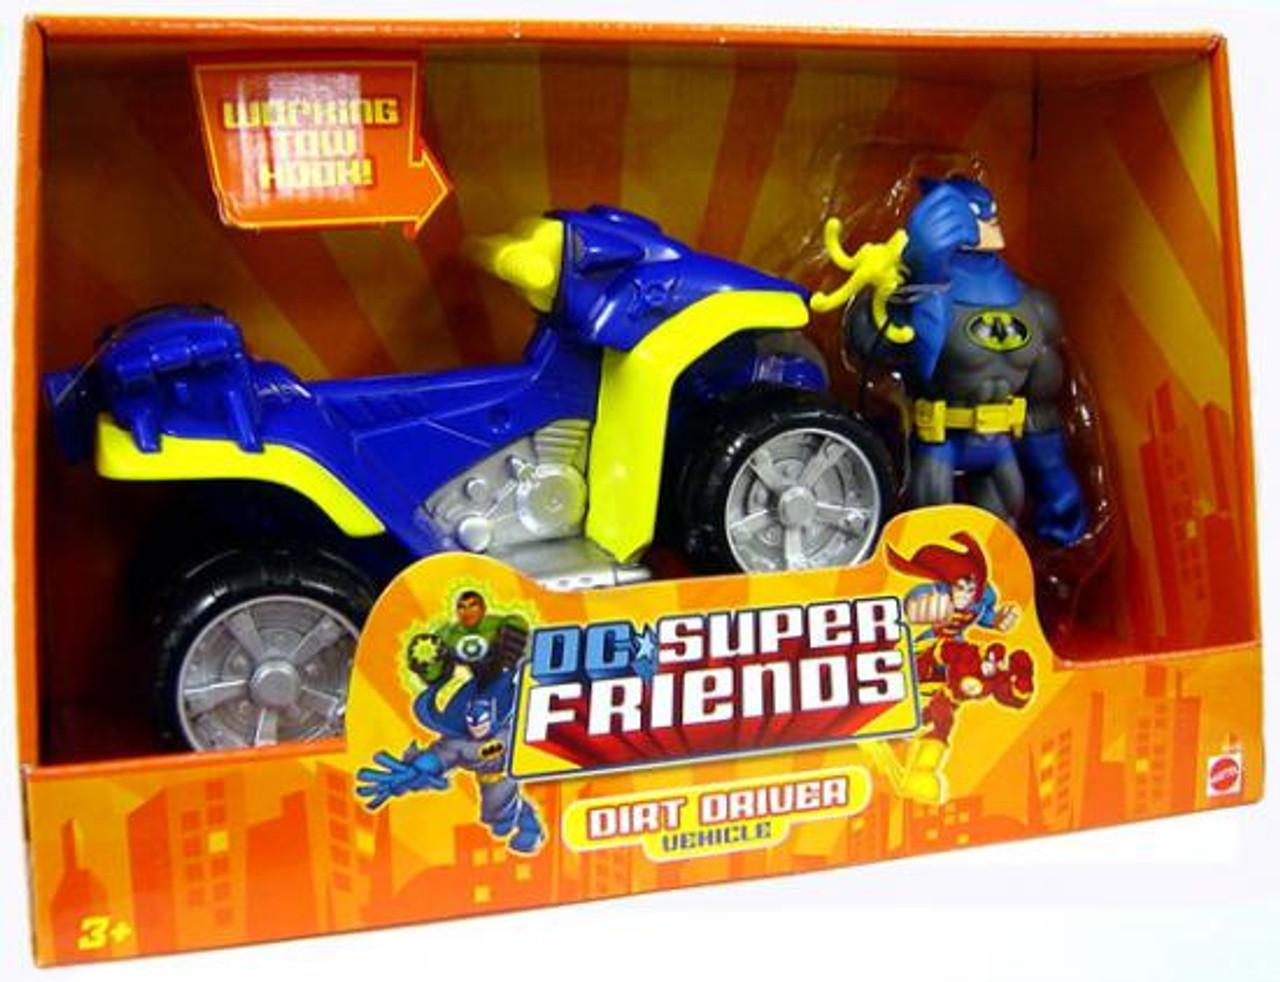 DC Super Friends Batman with Dirt Driver Action Figure Vehicle